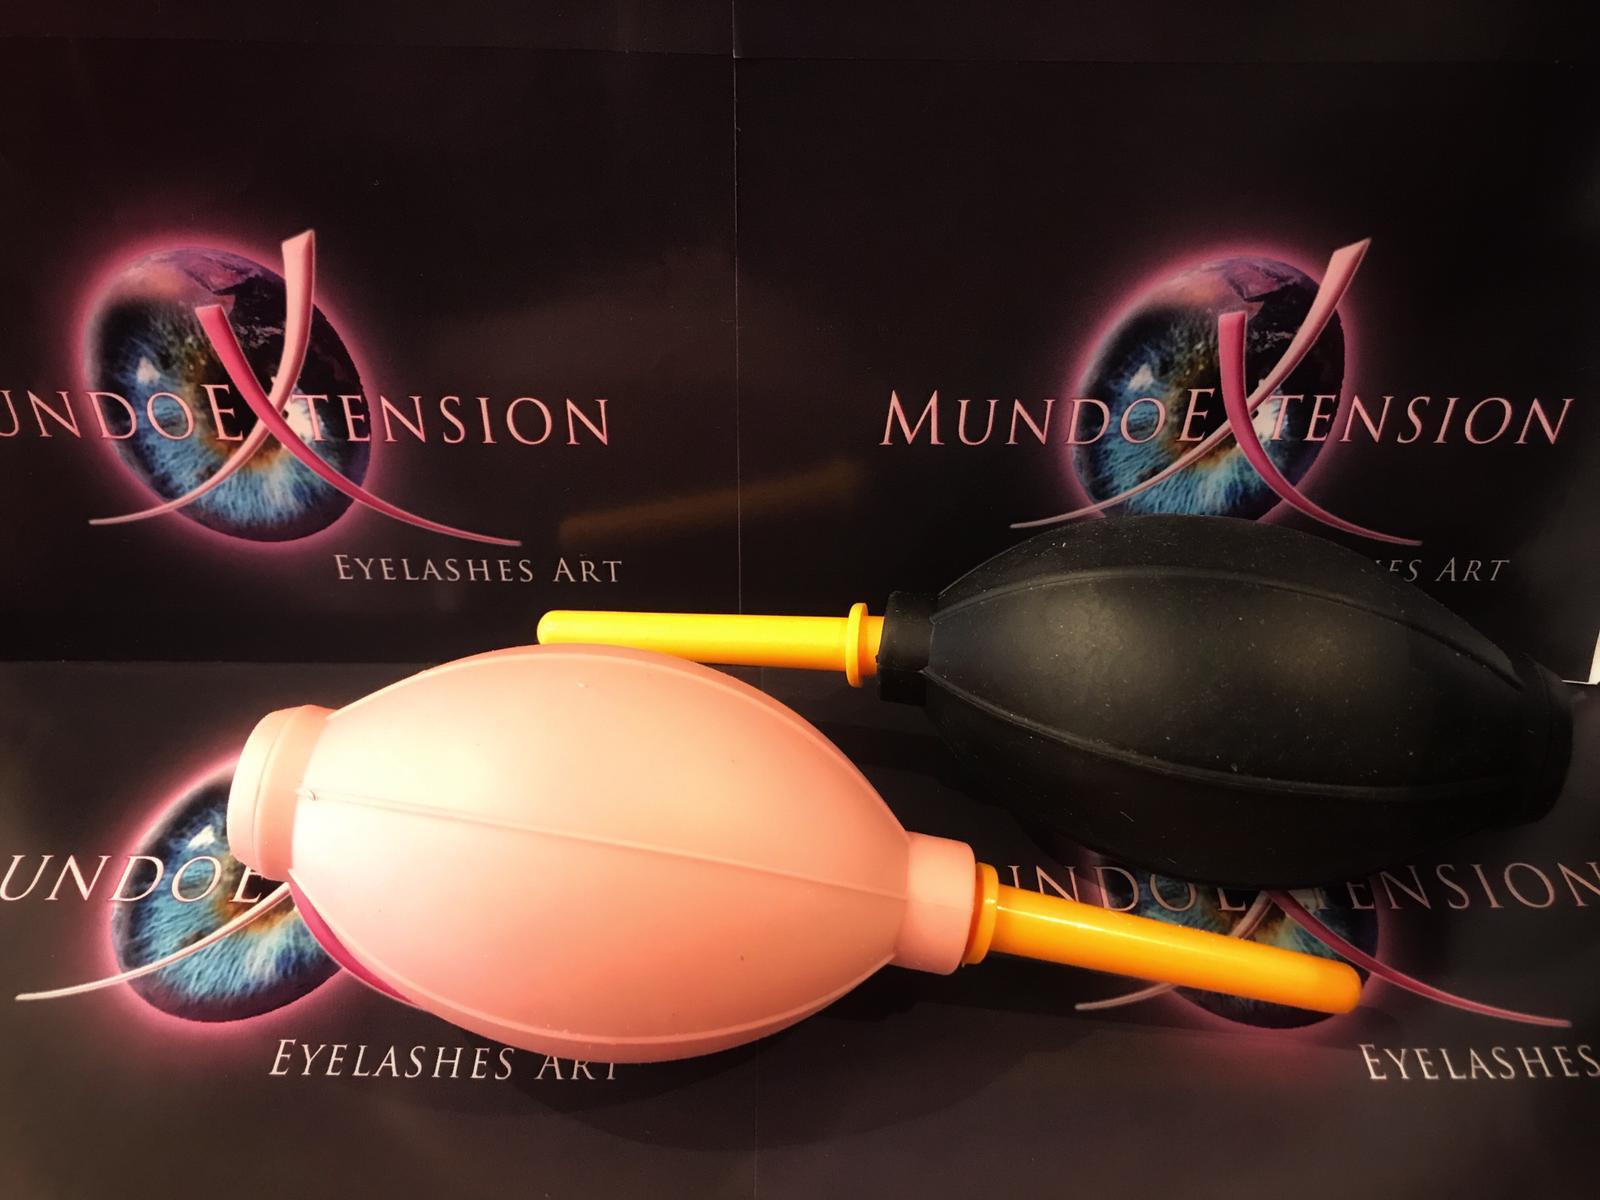 Airblower: per seccare la colla dopo impianto di Extension Ciglia Mundoextension